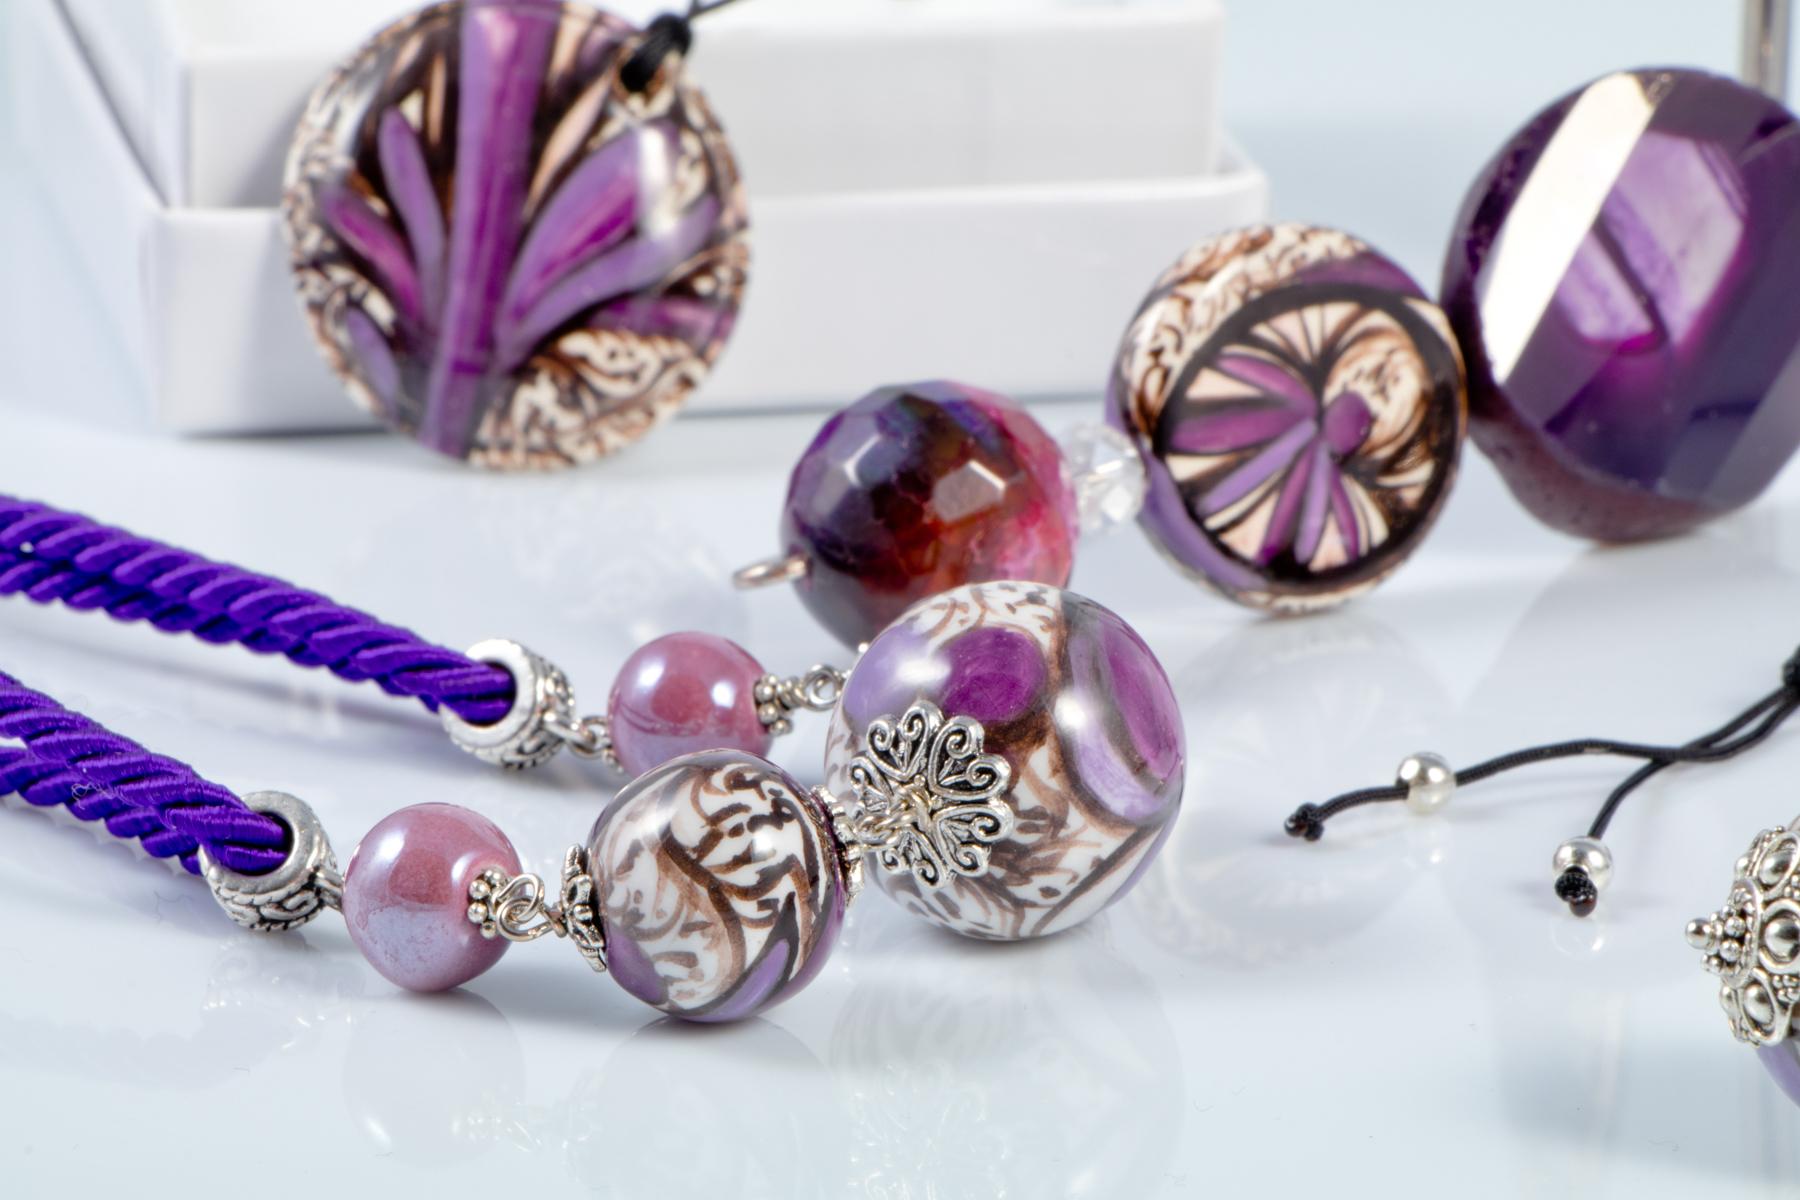 Gioielli di straordinaria eleganza e raffinatezza: le collezioni firmate Anna Barola sono il perfetto connubio tra design e tradizioni della Maiolica Umbra